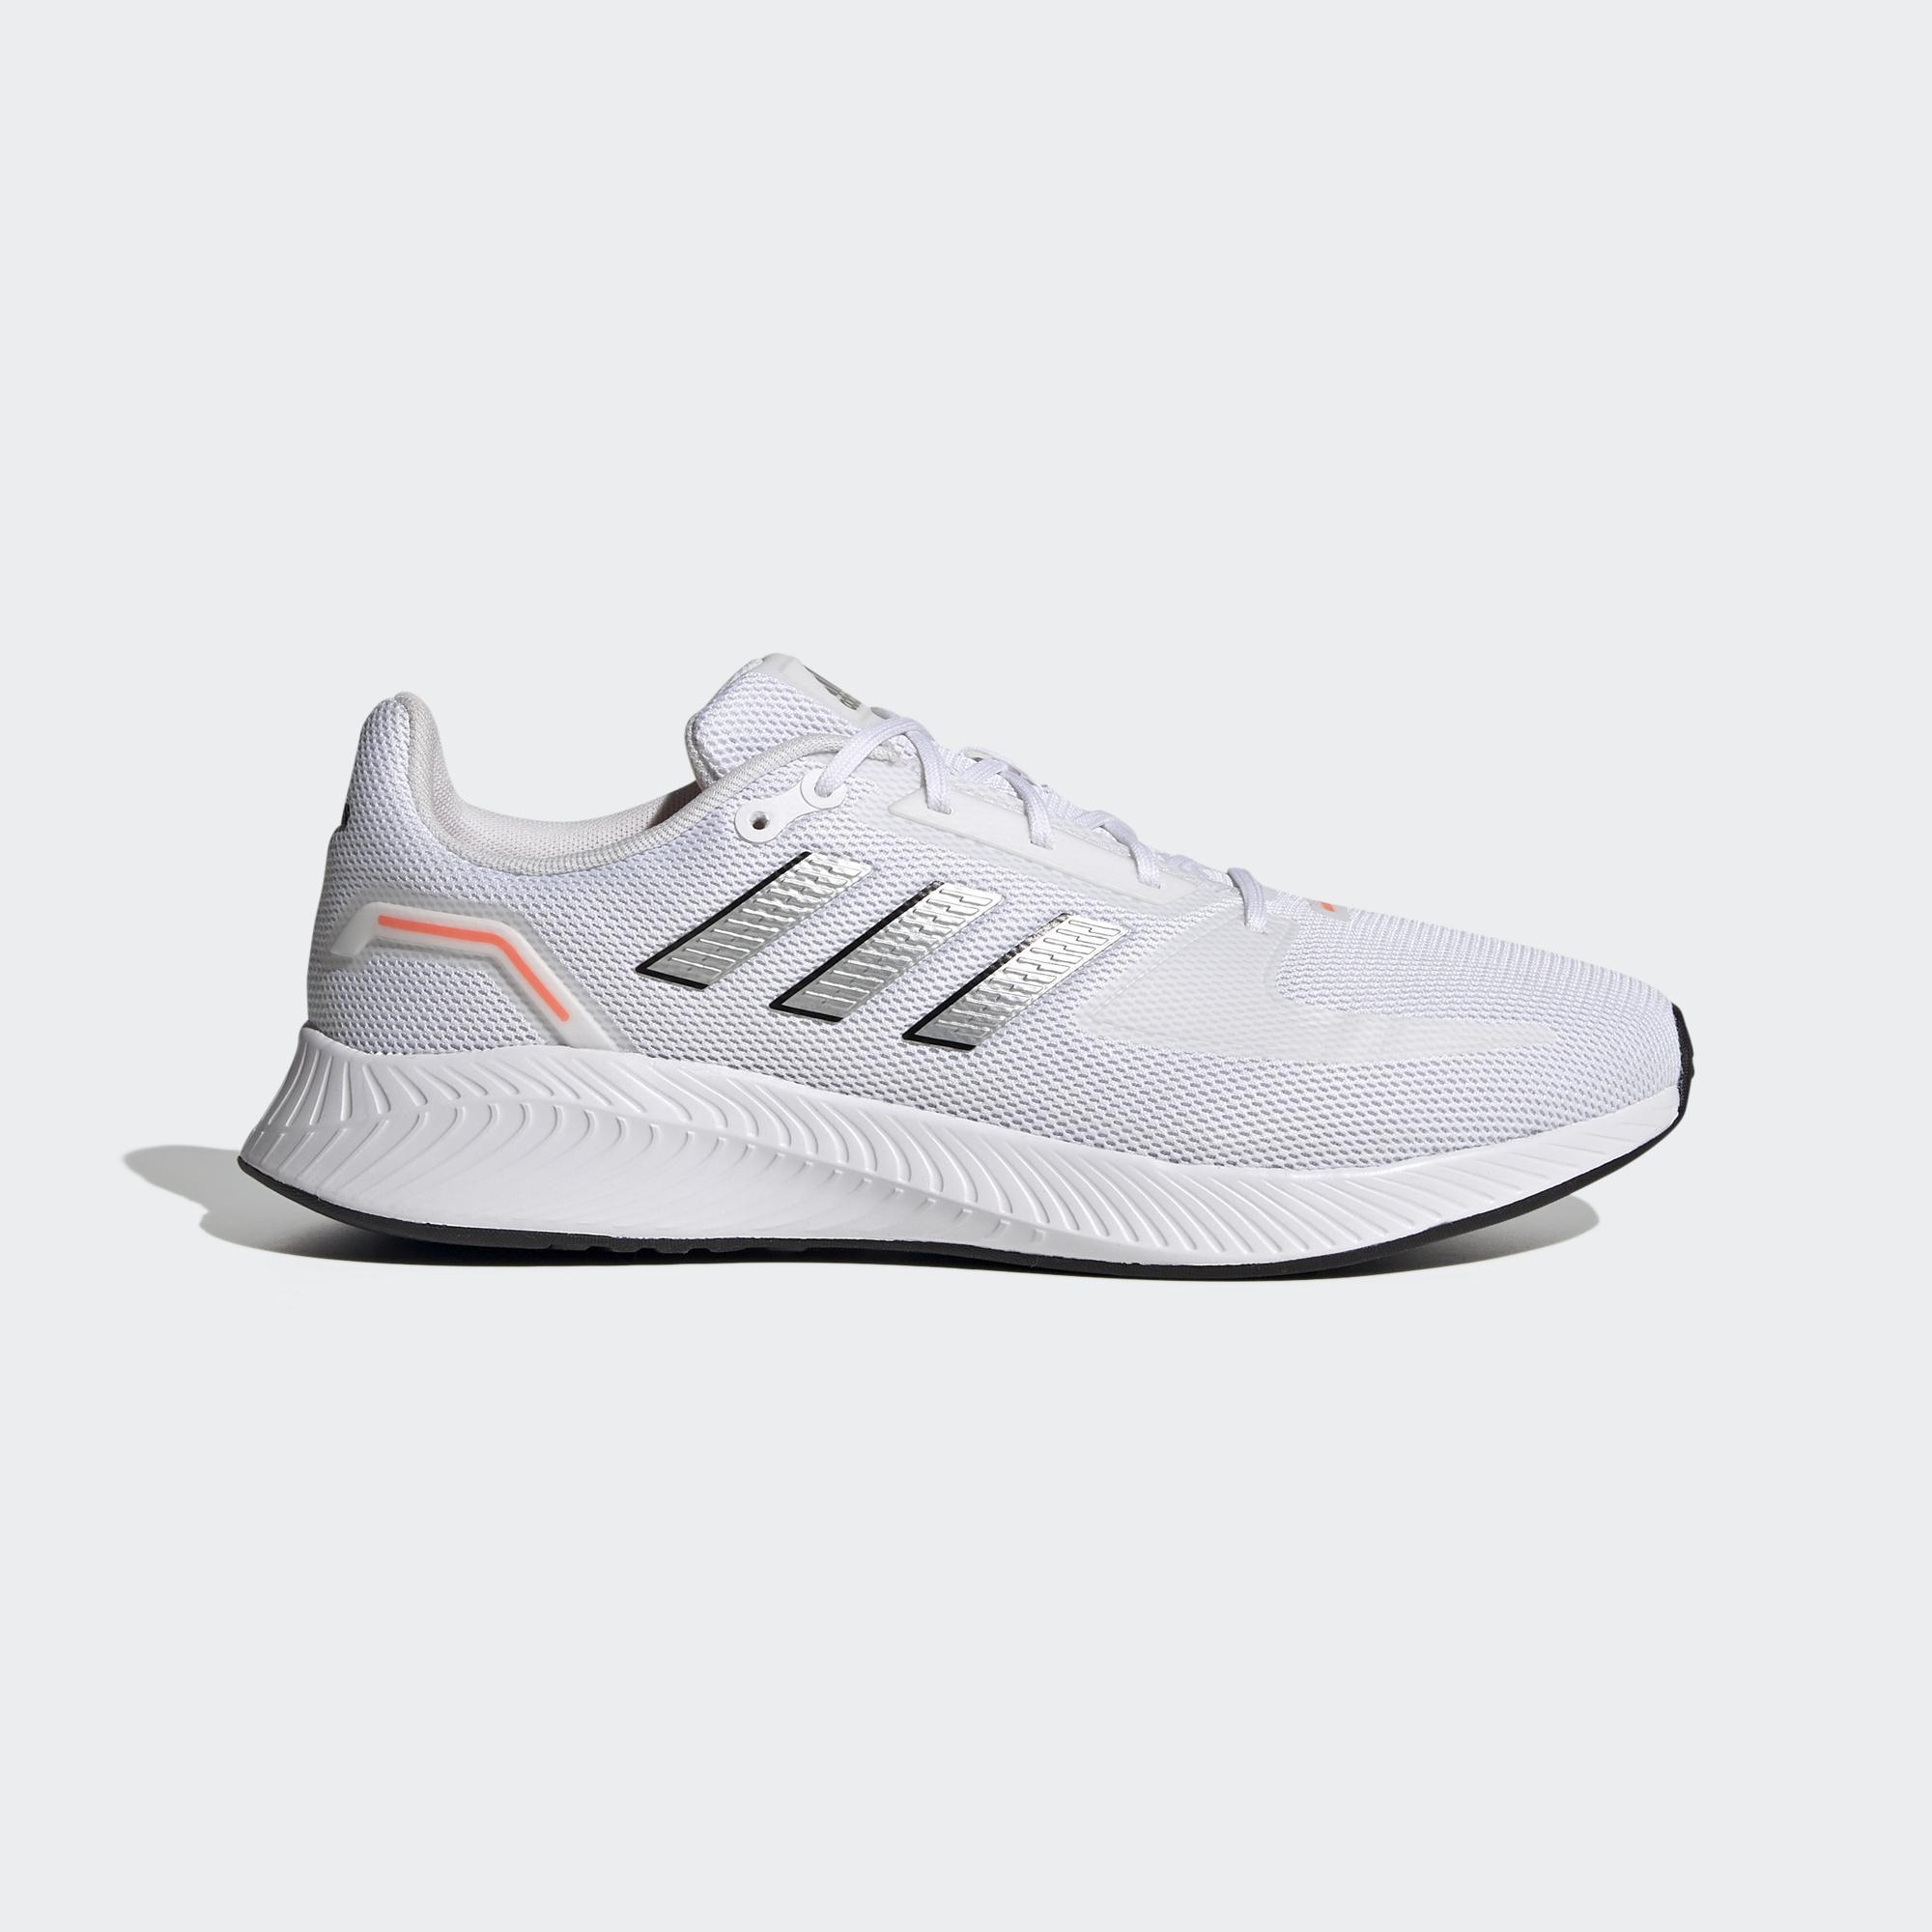 Run Falcon 2.0 跑鞋